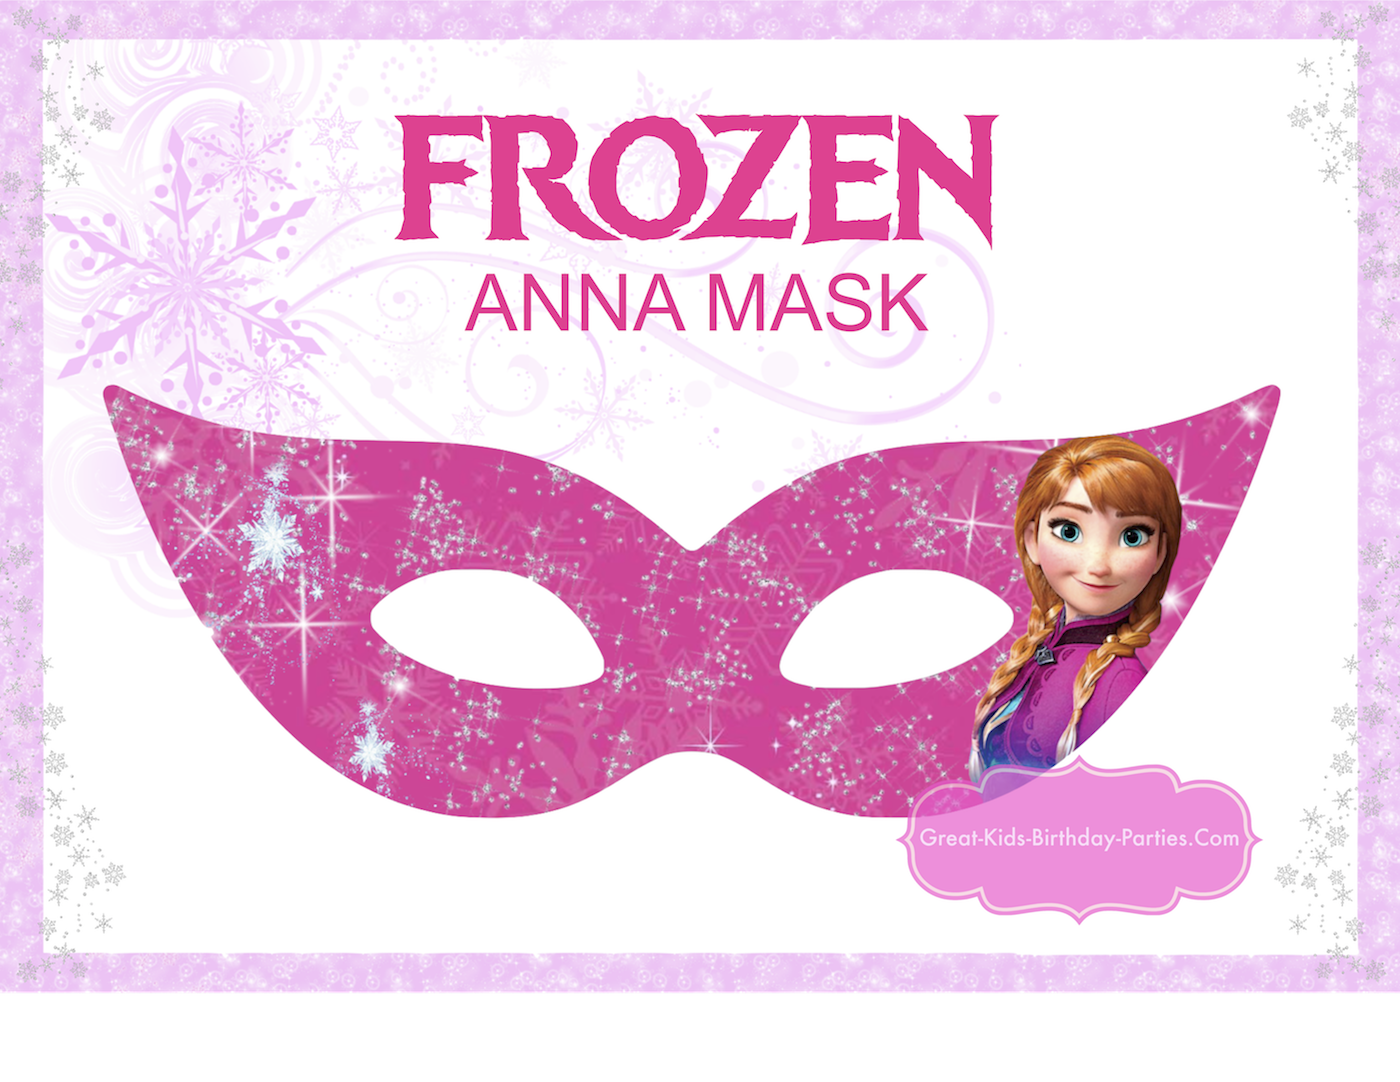 Printable Halloween Masks